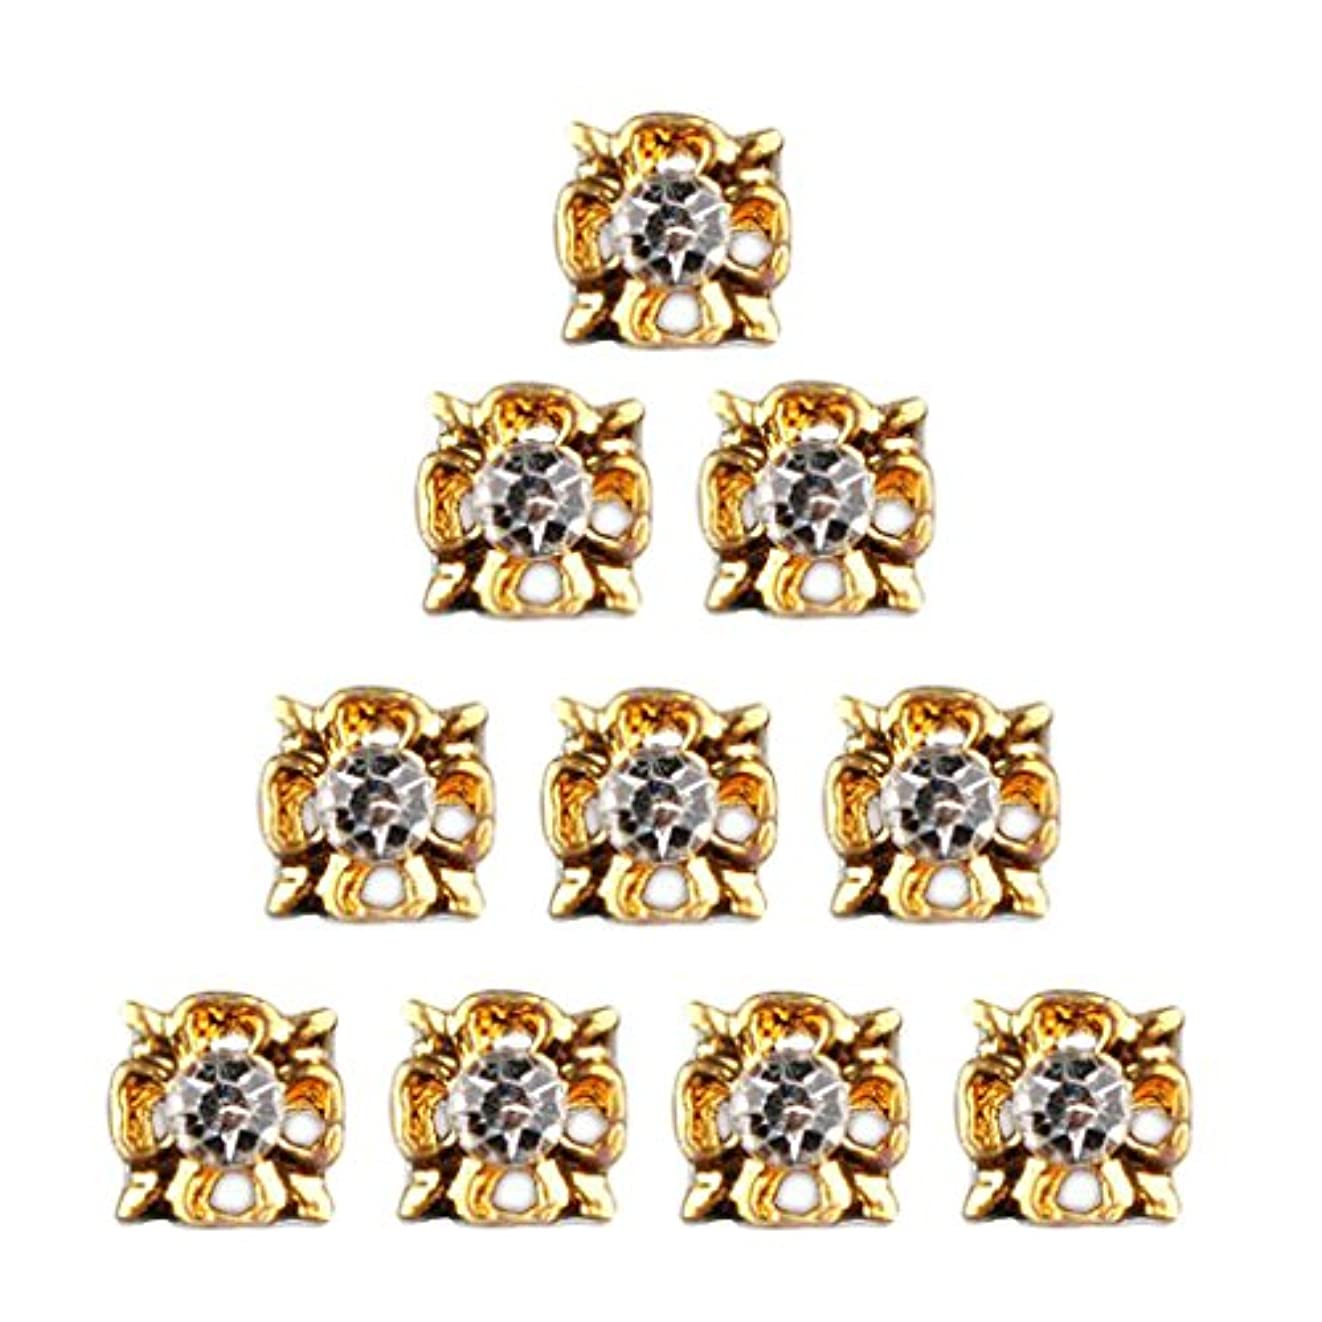 設計オークション処方するネイルアート ダイヤモンド ネイルデザイン 3D ヒントステッカー ネイルデコレーション 全8種類 - 4